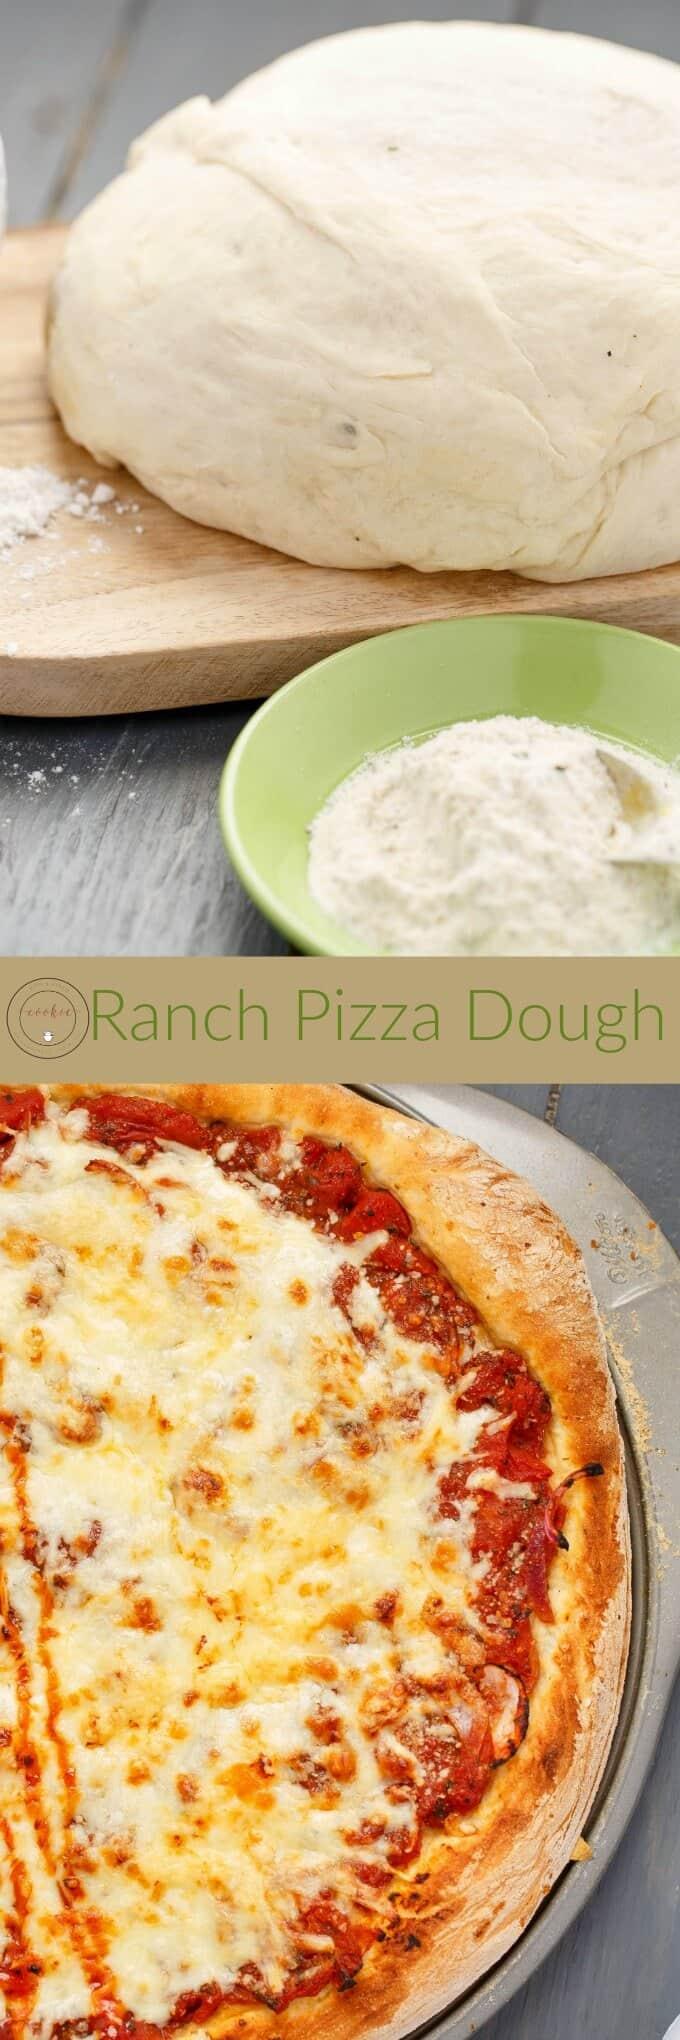 ranch-pizza-dough